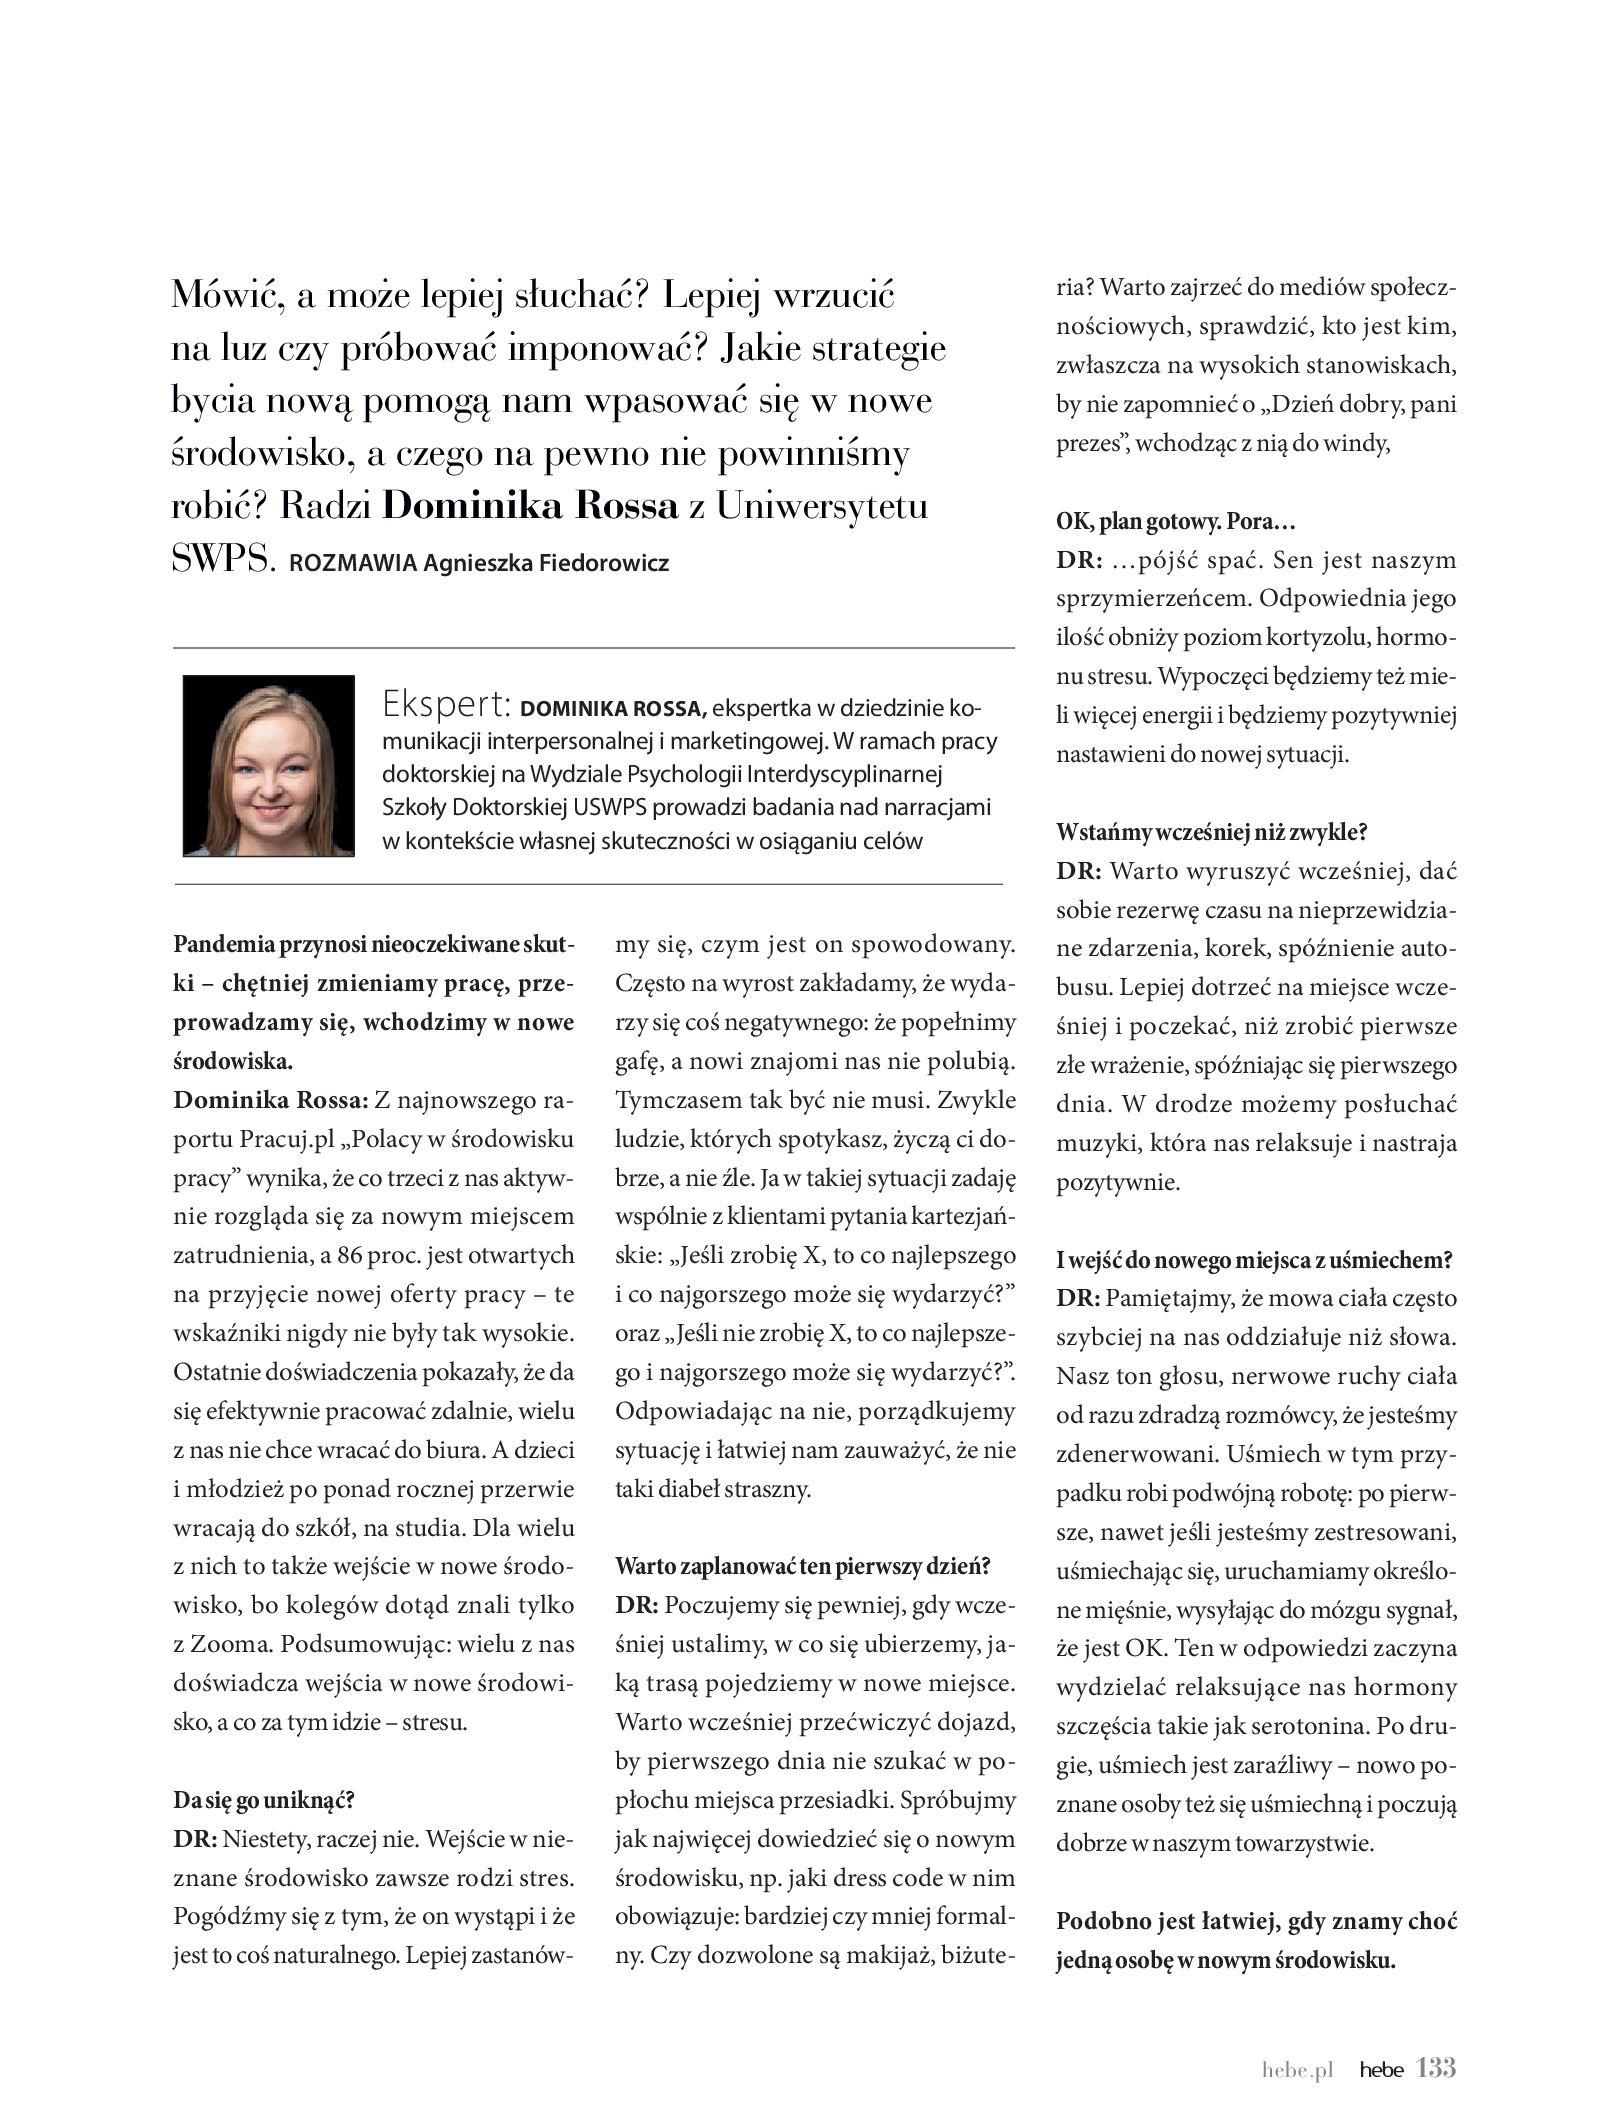 Gazetka hebe: Magazyn hebe - TURBO nawilżanie po urlopie 2021-09-01 page-133